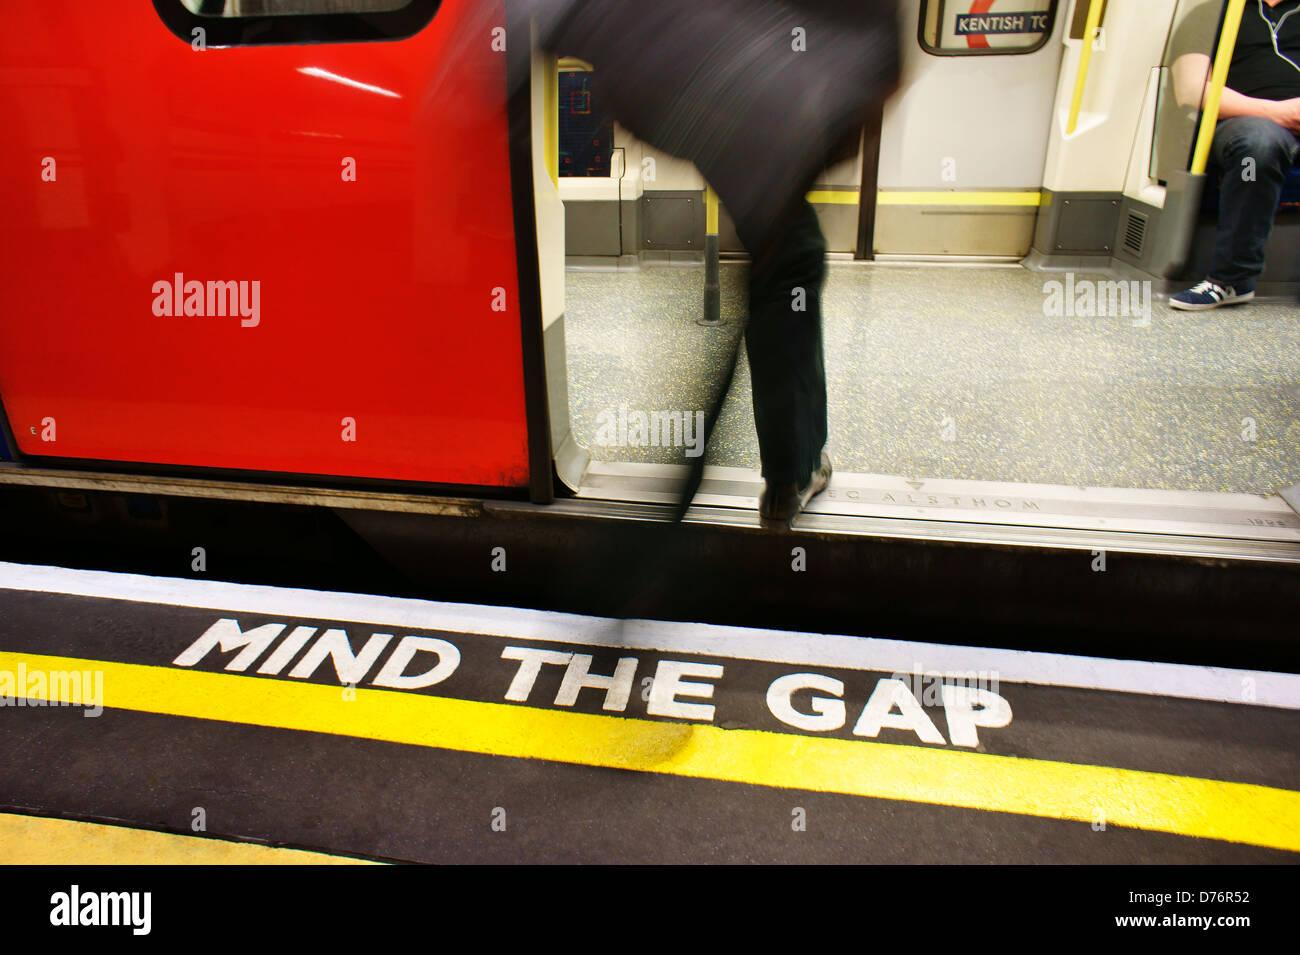 London Underground tube metro train station. England, UK - Stock Image